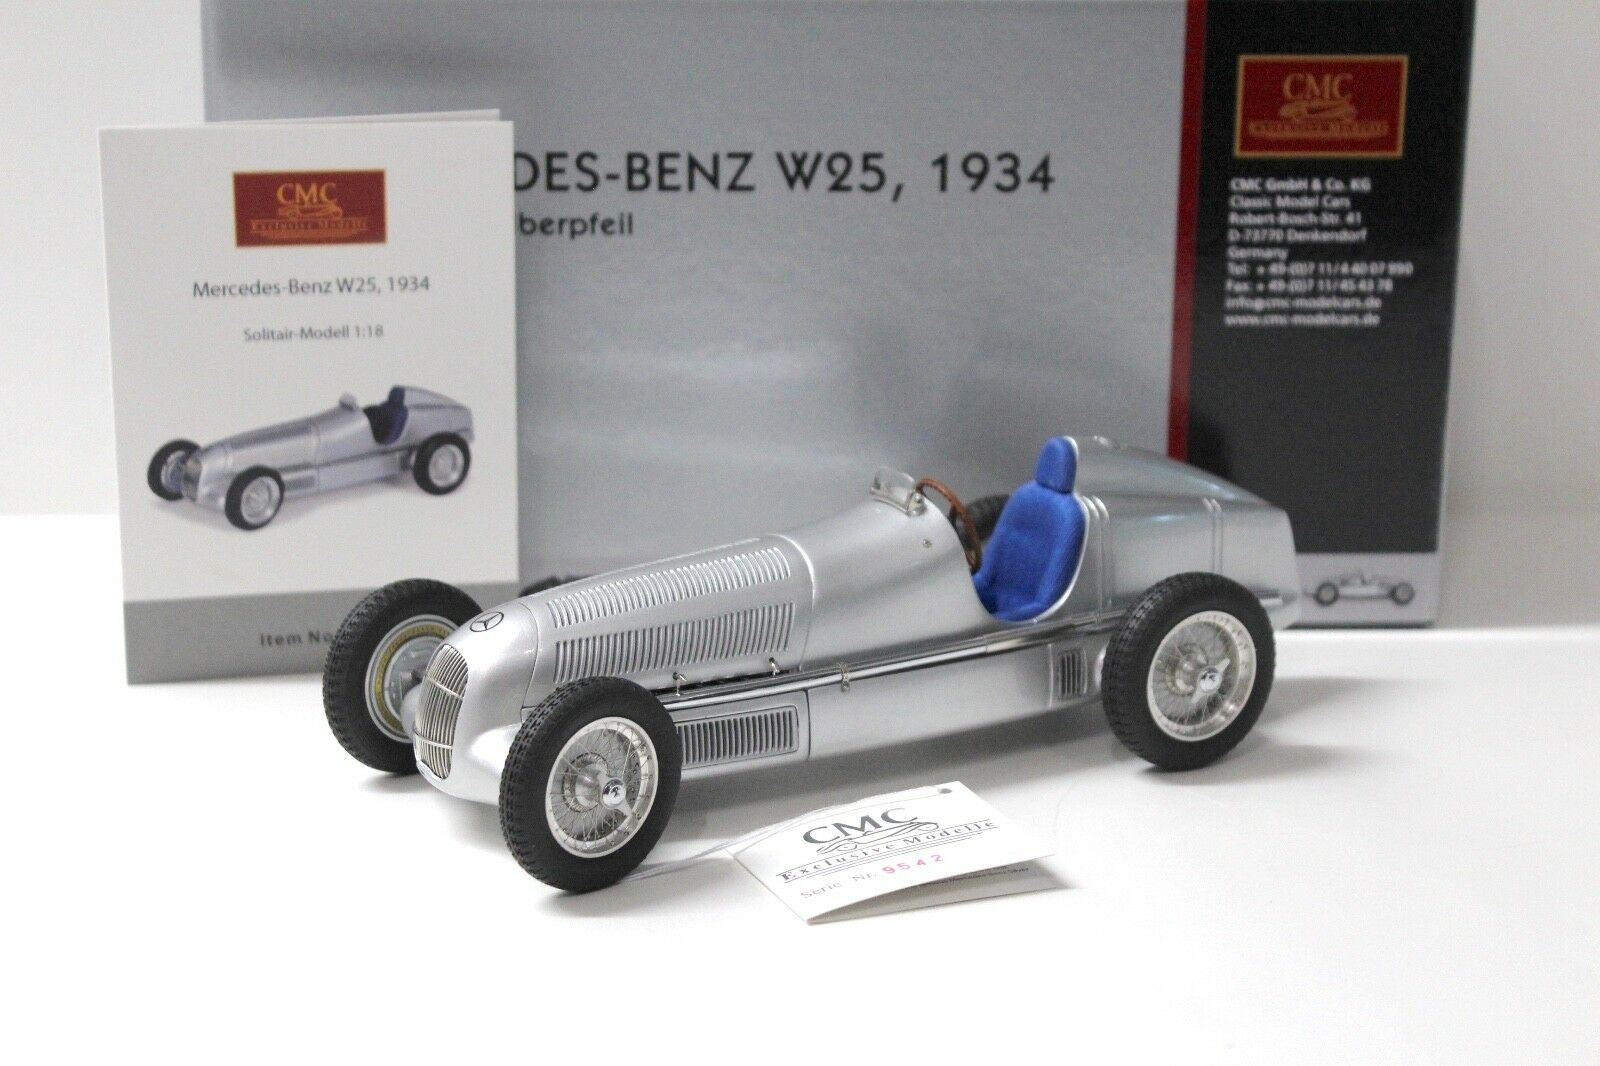 1:18 CMC Mercedes-Benz w25 Argent Flèche 1934 Silver New New New chez Premium-modelcars | Nouveau Produit  | D'avoir à La Fois La Qualité De Ténacité Et De Dureté  | L'apparence élégante  822ab8